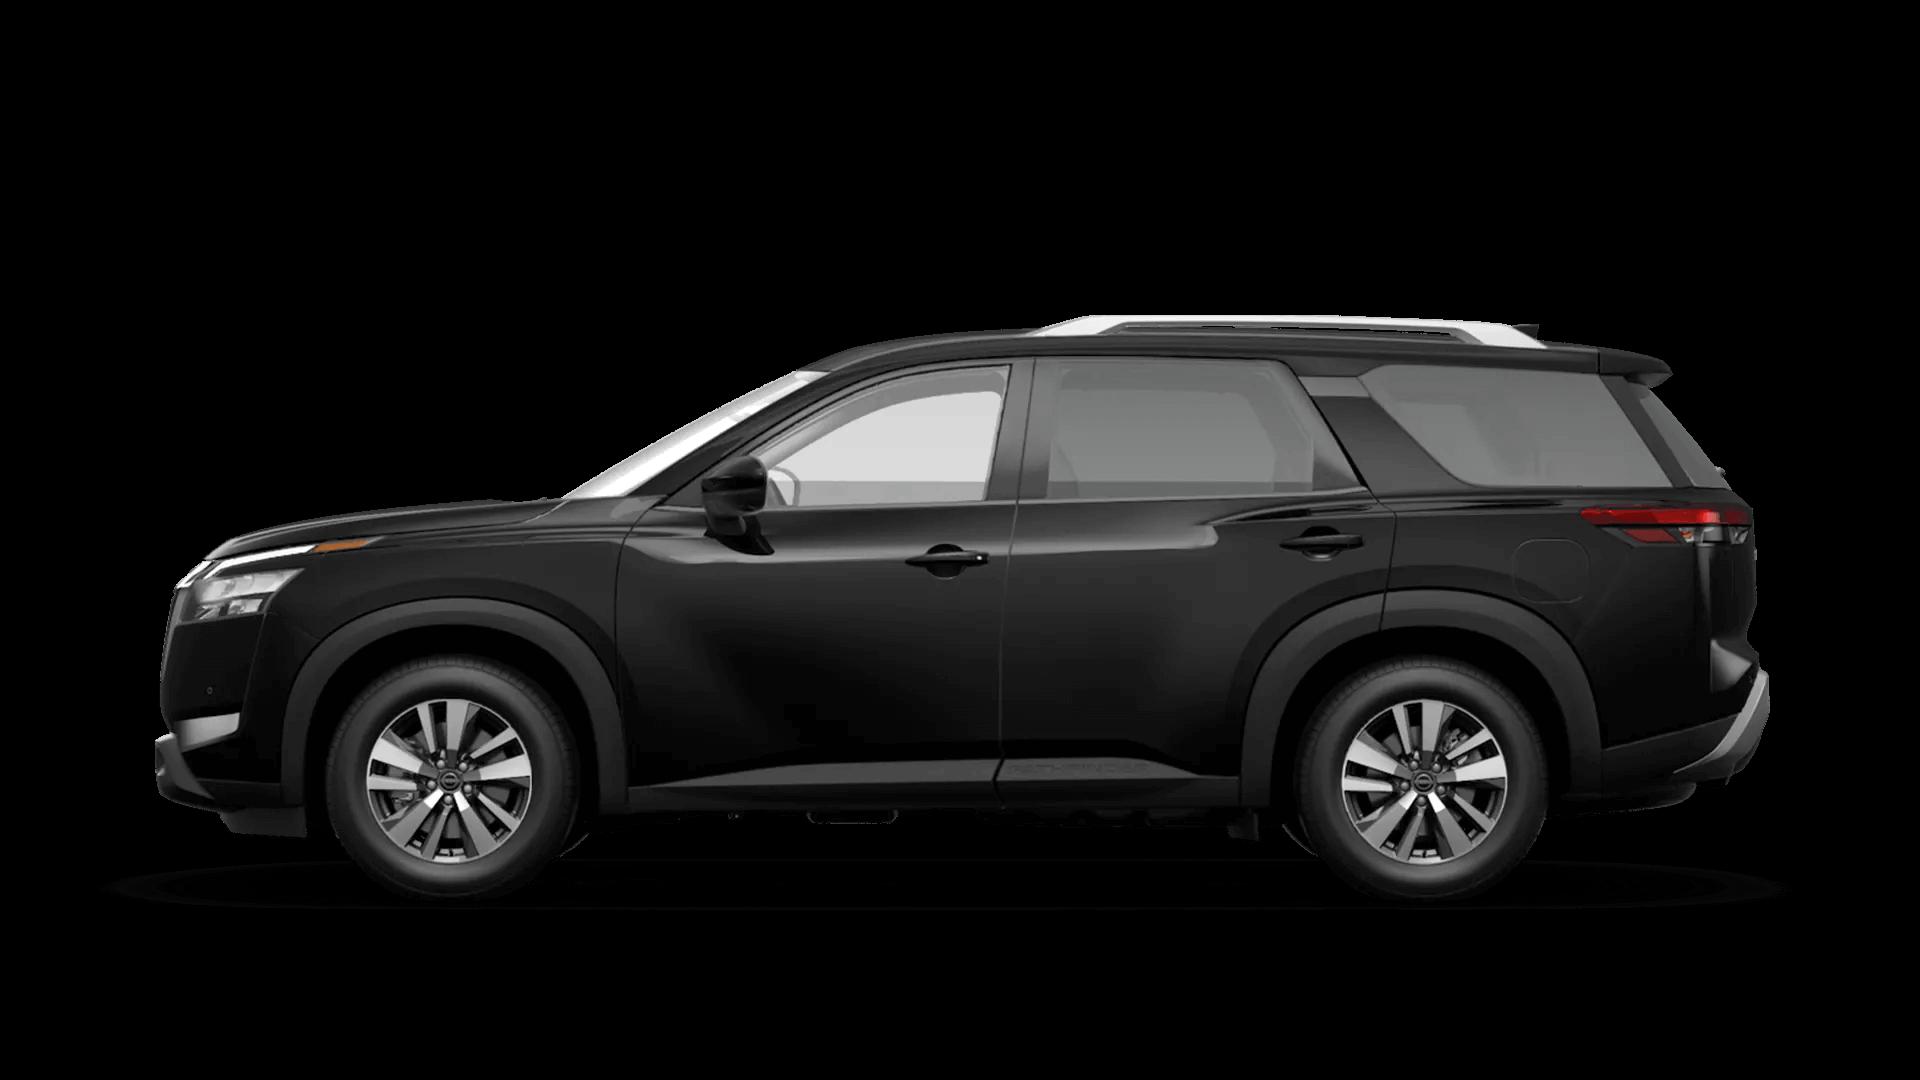 2022 Pathfinder® SL 4WD in Super Black